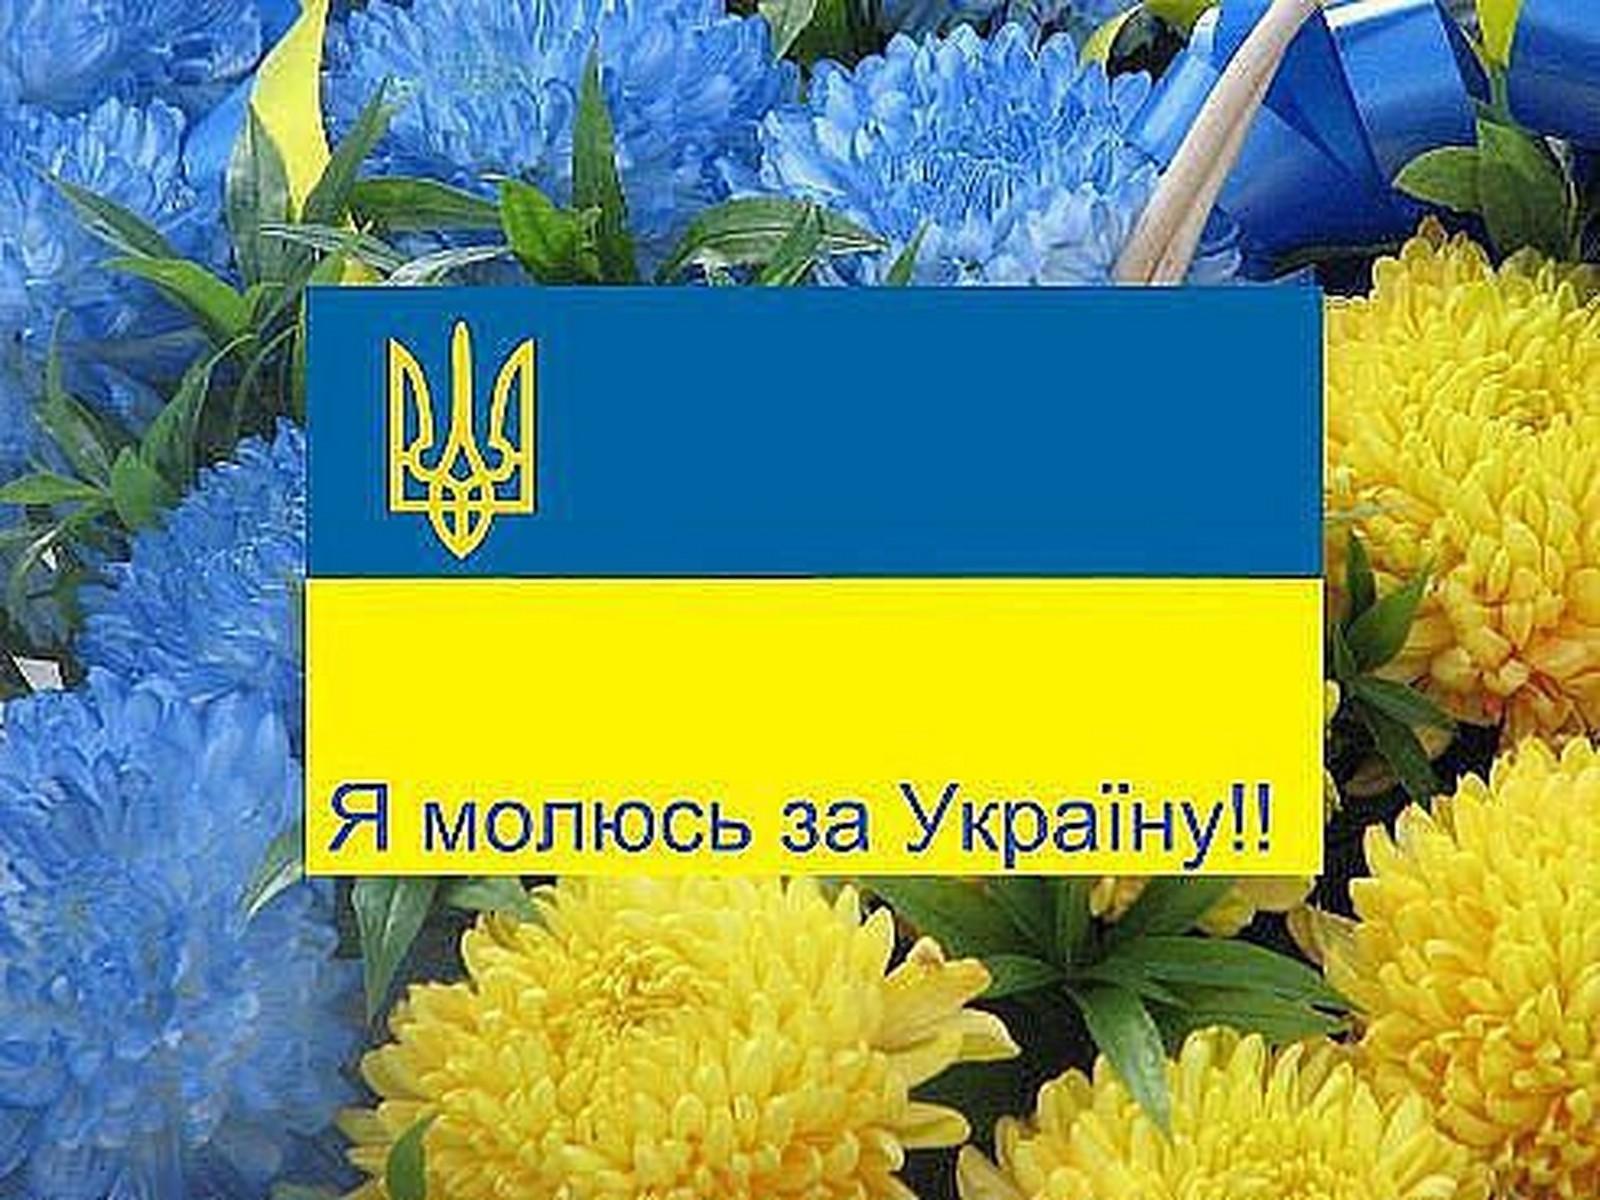 """За сутки зафиксировано рекордное количество обстрелов позиций украинской армии в секторе """"М"""". Под Новотроицким был бой с ДРГ террористов, - пресс-офицер - Цензор.НЕТ 7179"""